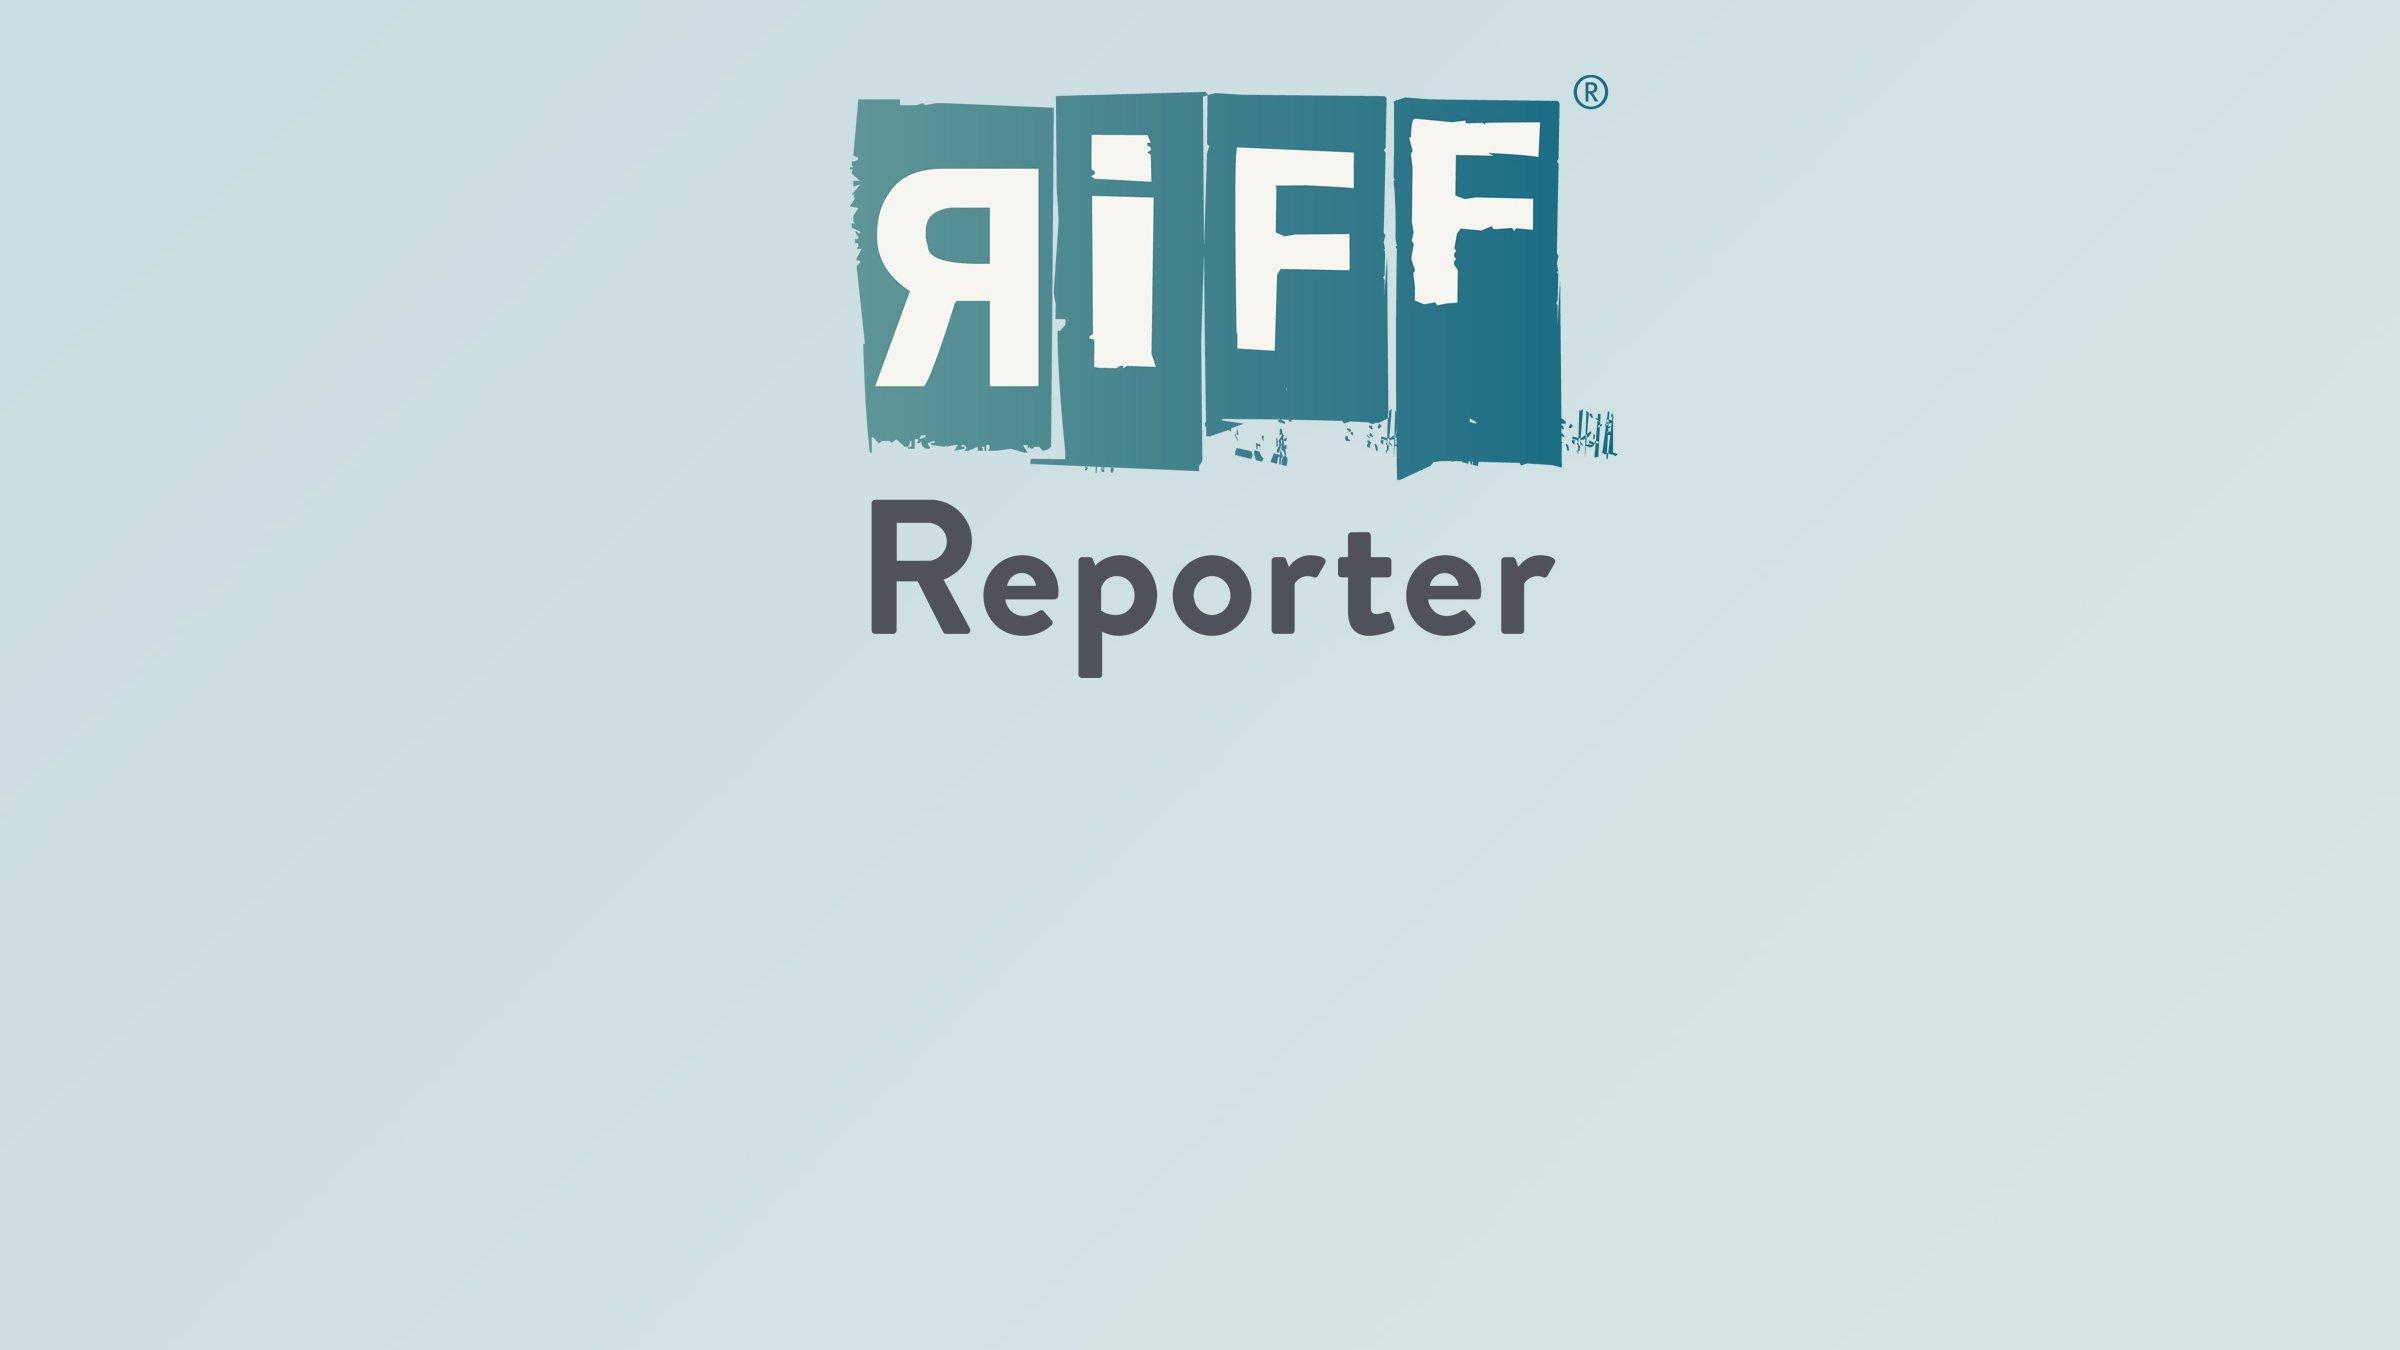 Ausschnitt aus einer größeren IPCC-Grafik. Das rosa Band zeigt die Berechnungen von Klimamodellen, wie sich die Temperaturen auf der Welt entwickeln sollten. Sie entspricht den Messungen, die die schwarze Linie zeigt. Das blaue Band hingegen steht für Berechnungen, bei denen im Computer der Einfluss der zusätzlichen Treibhausgase ausgeschaltet wurde. Das rosa und blaue Band trennen sich etwa in der Mitte. Ab hier streben rosa Band und schwarze Linie gemeinsam nach oben, während das blaue Band weiter unten bleibt.